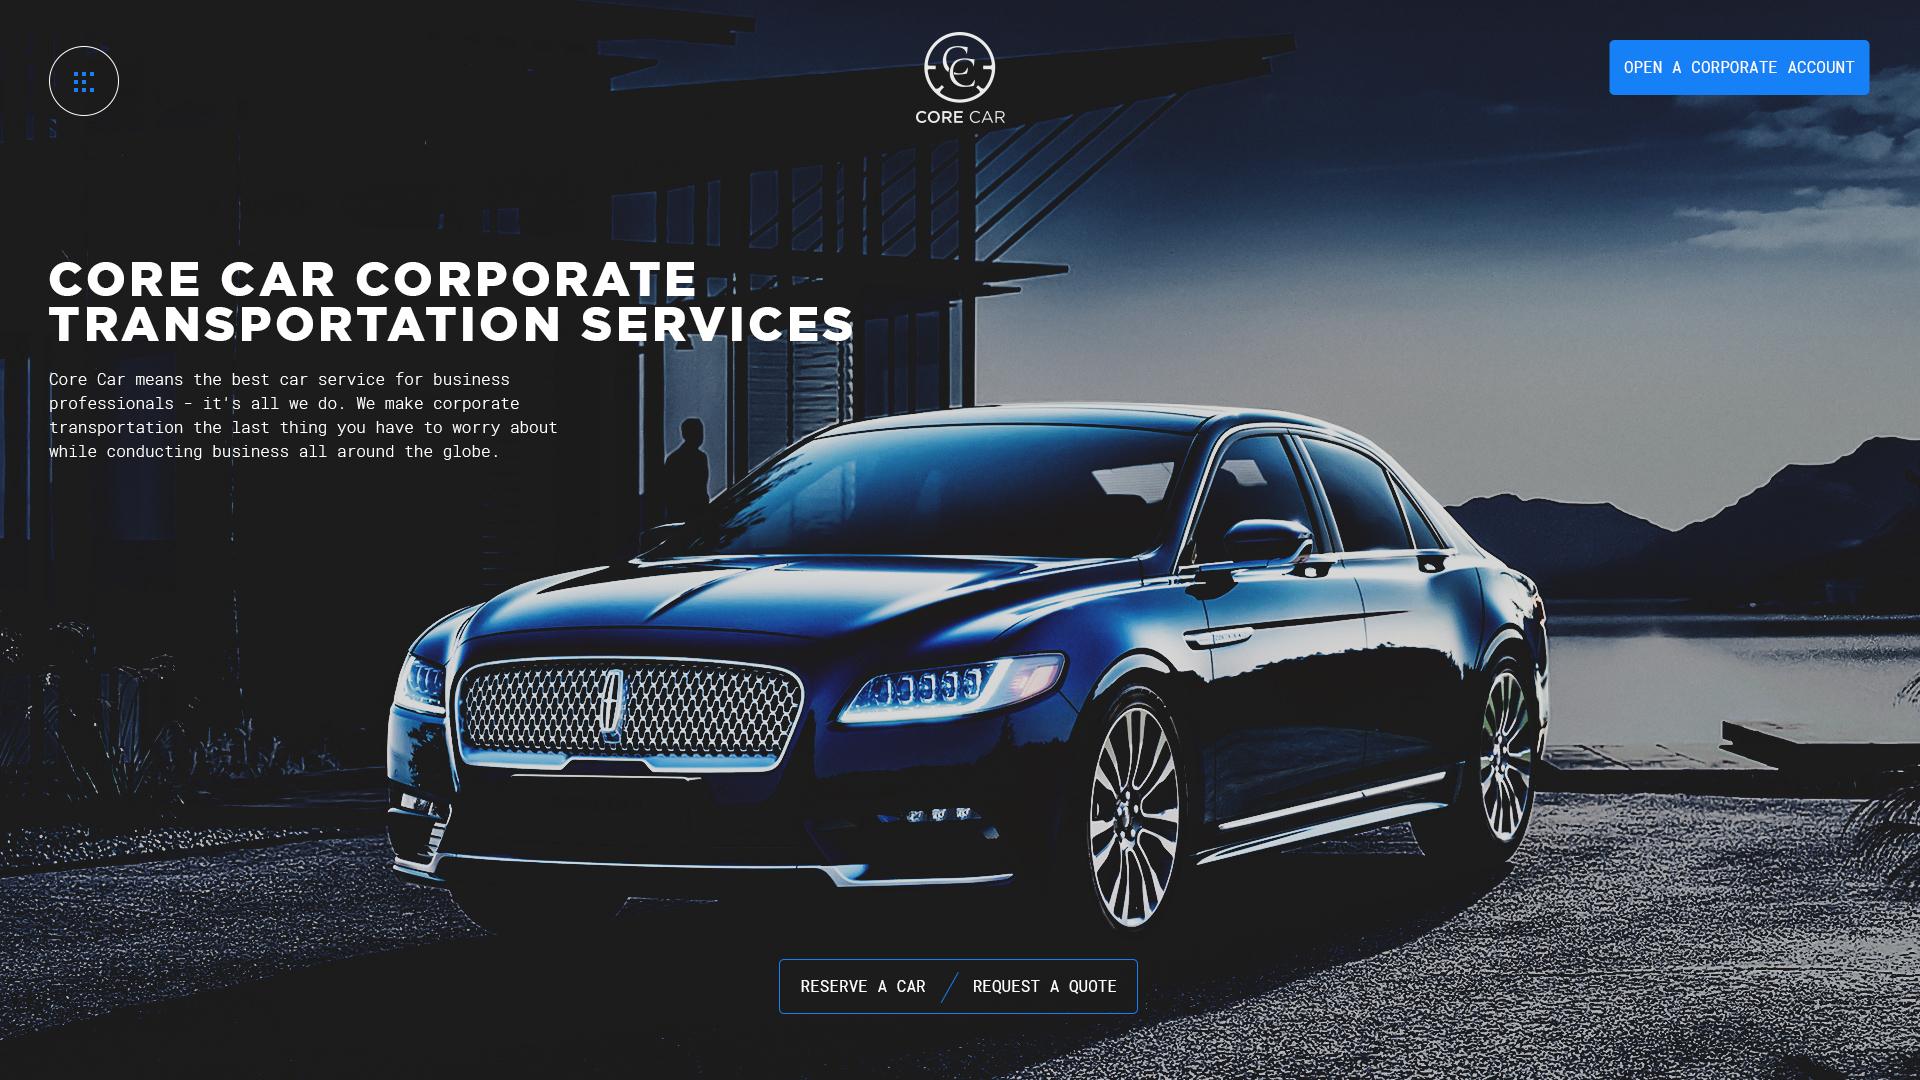 CoreCar Website Design Preview